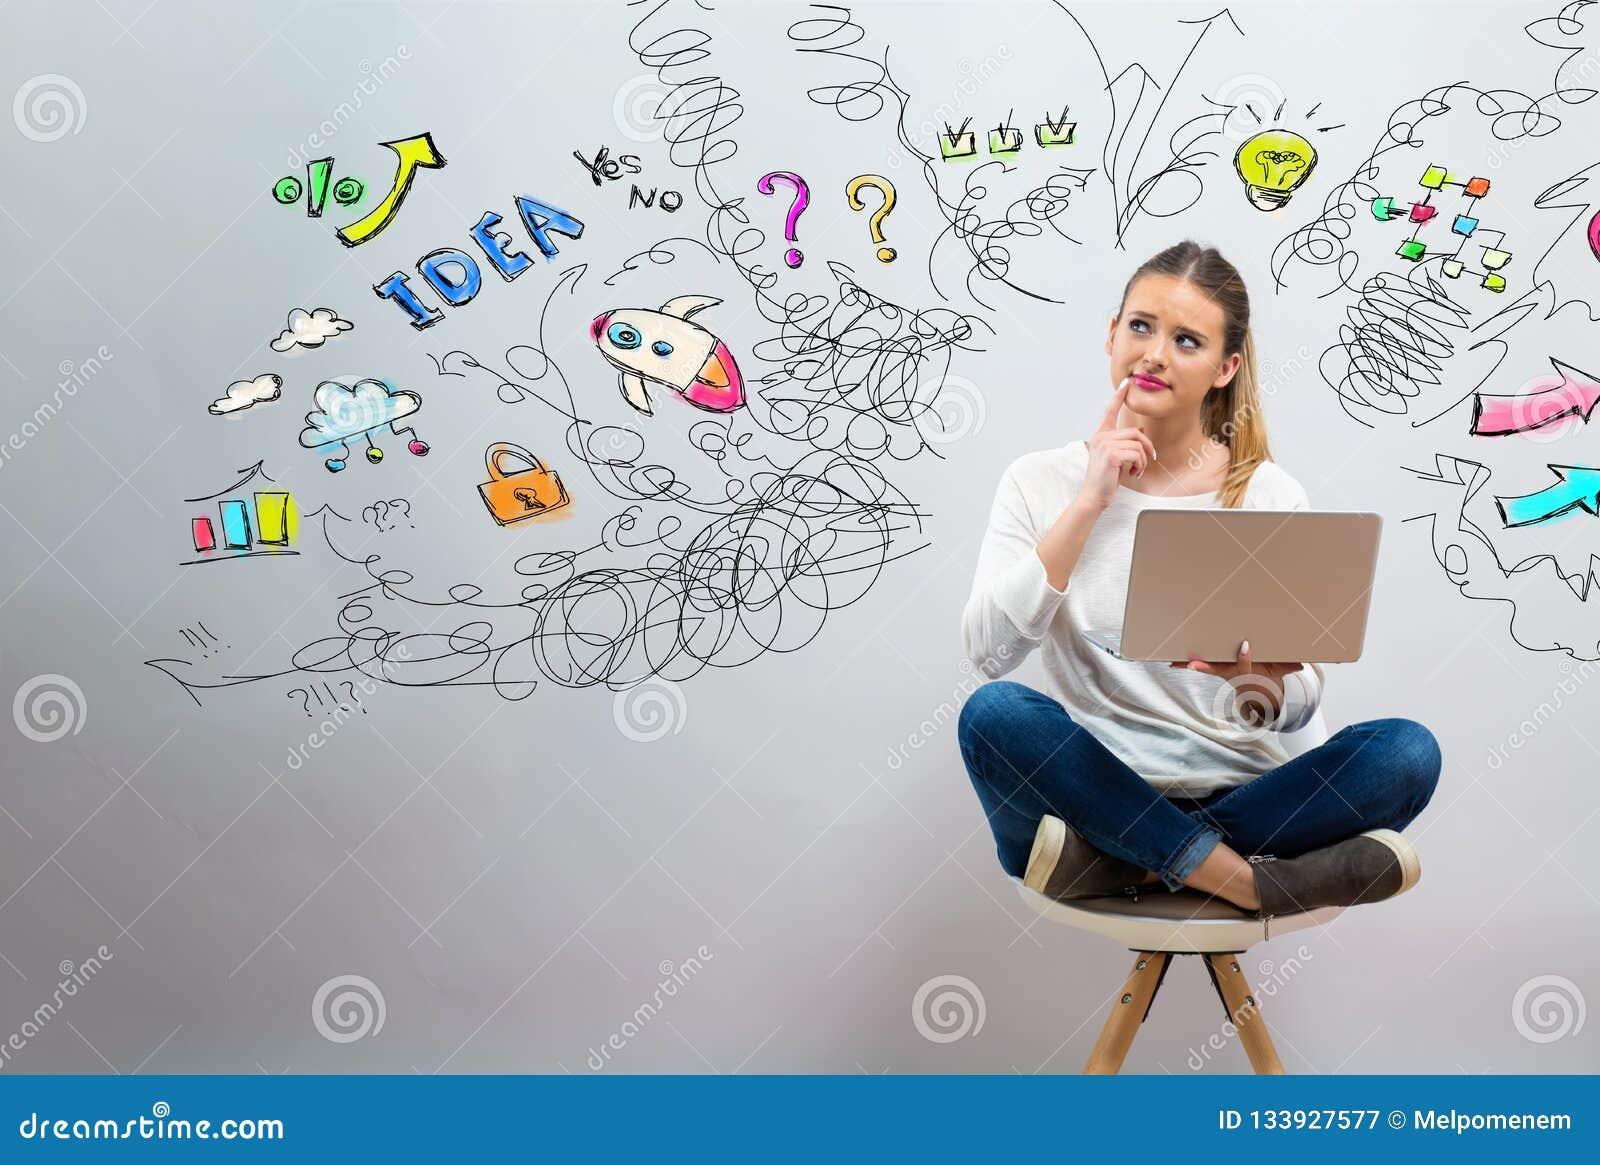 Muchos pensamientos con la mujer joven usando su ordenador portátil